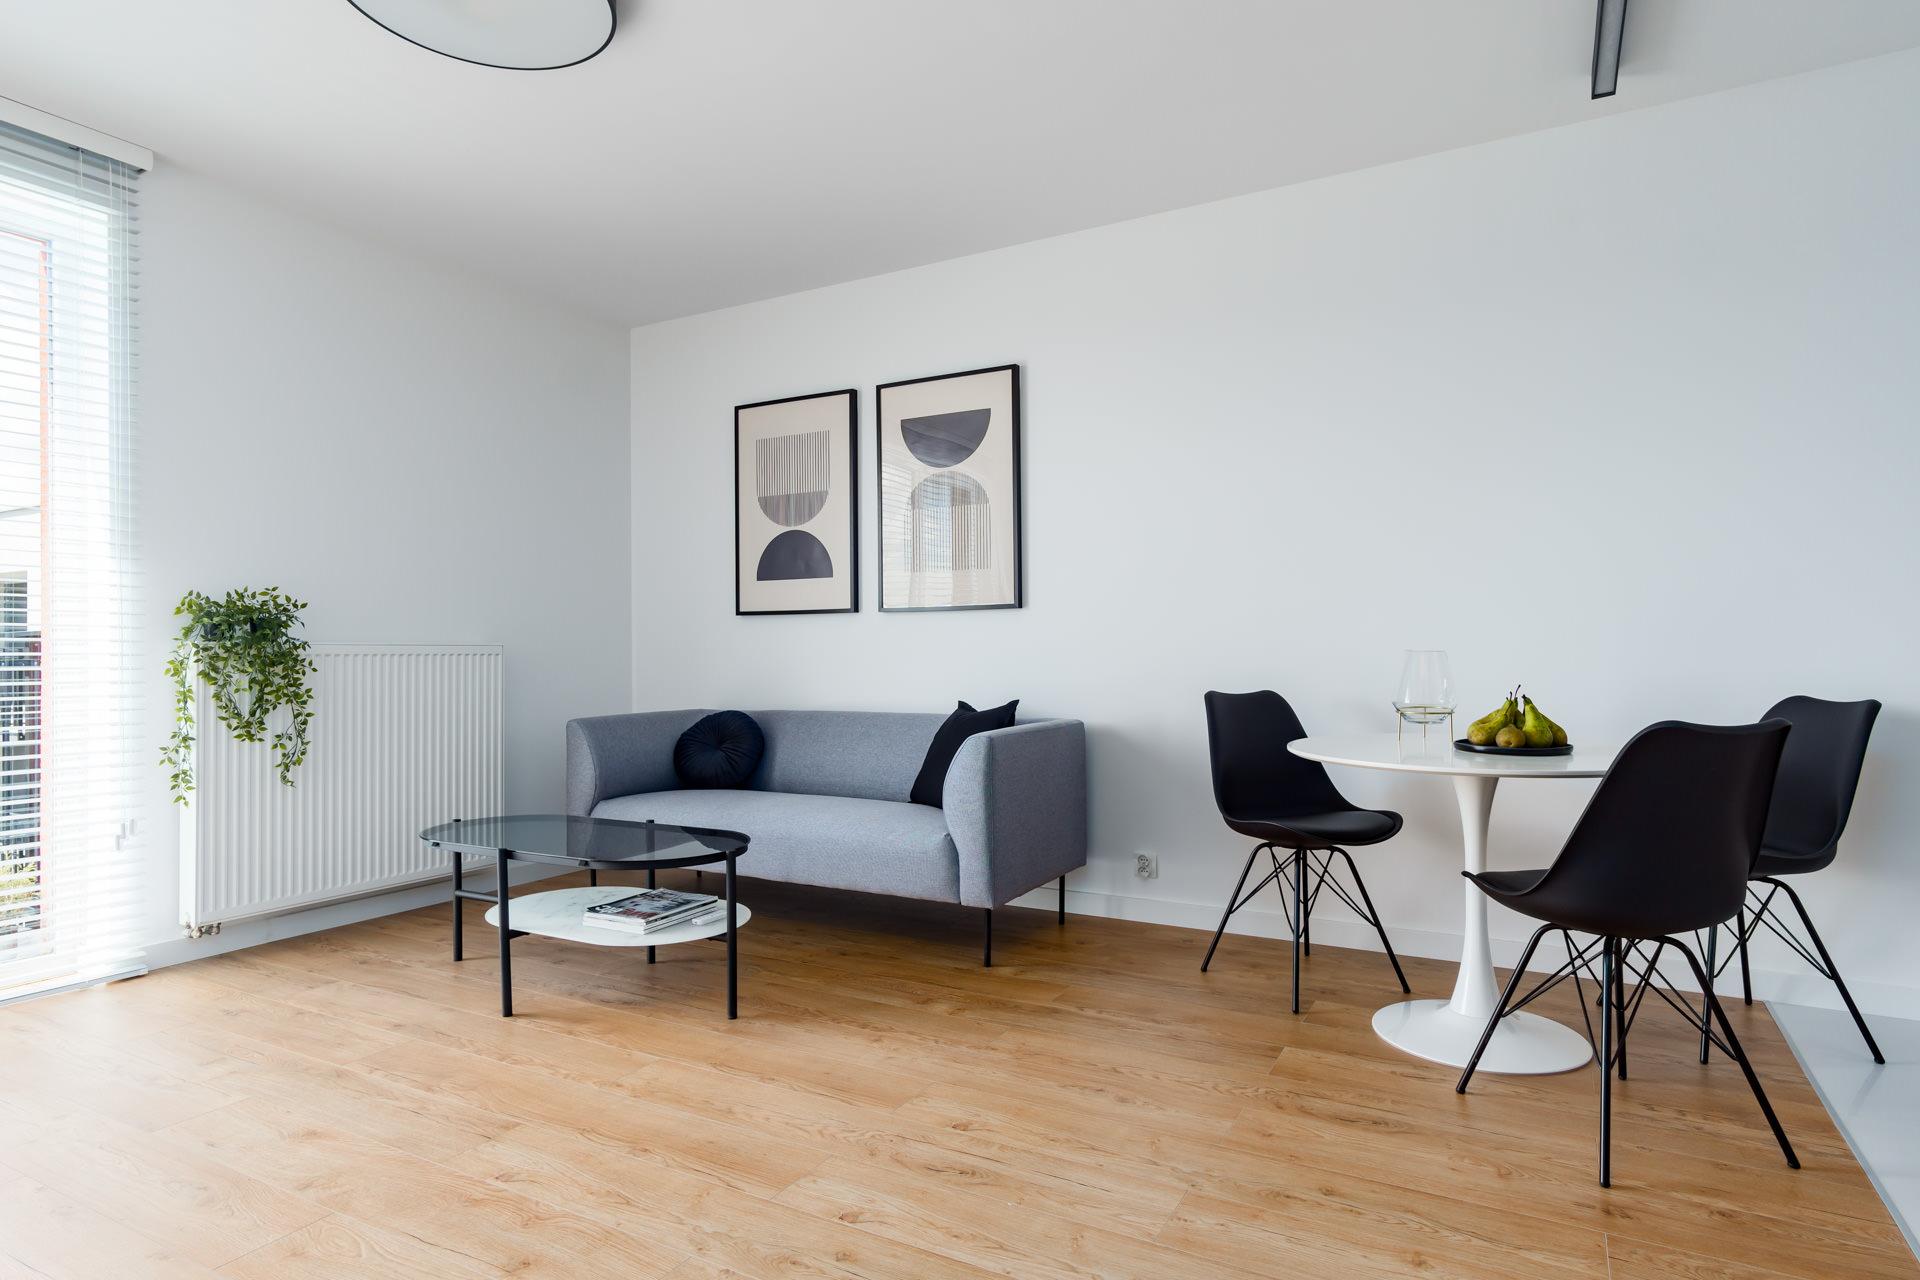 Projekt wnętrz nowoczesnego apartamentu salon